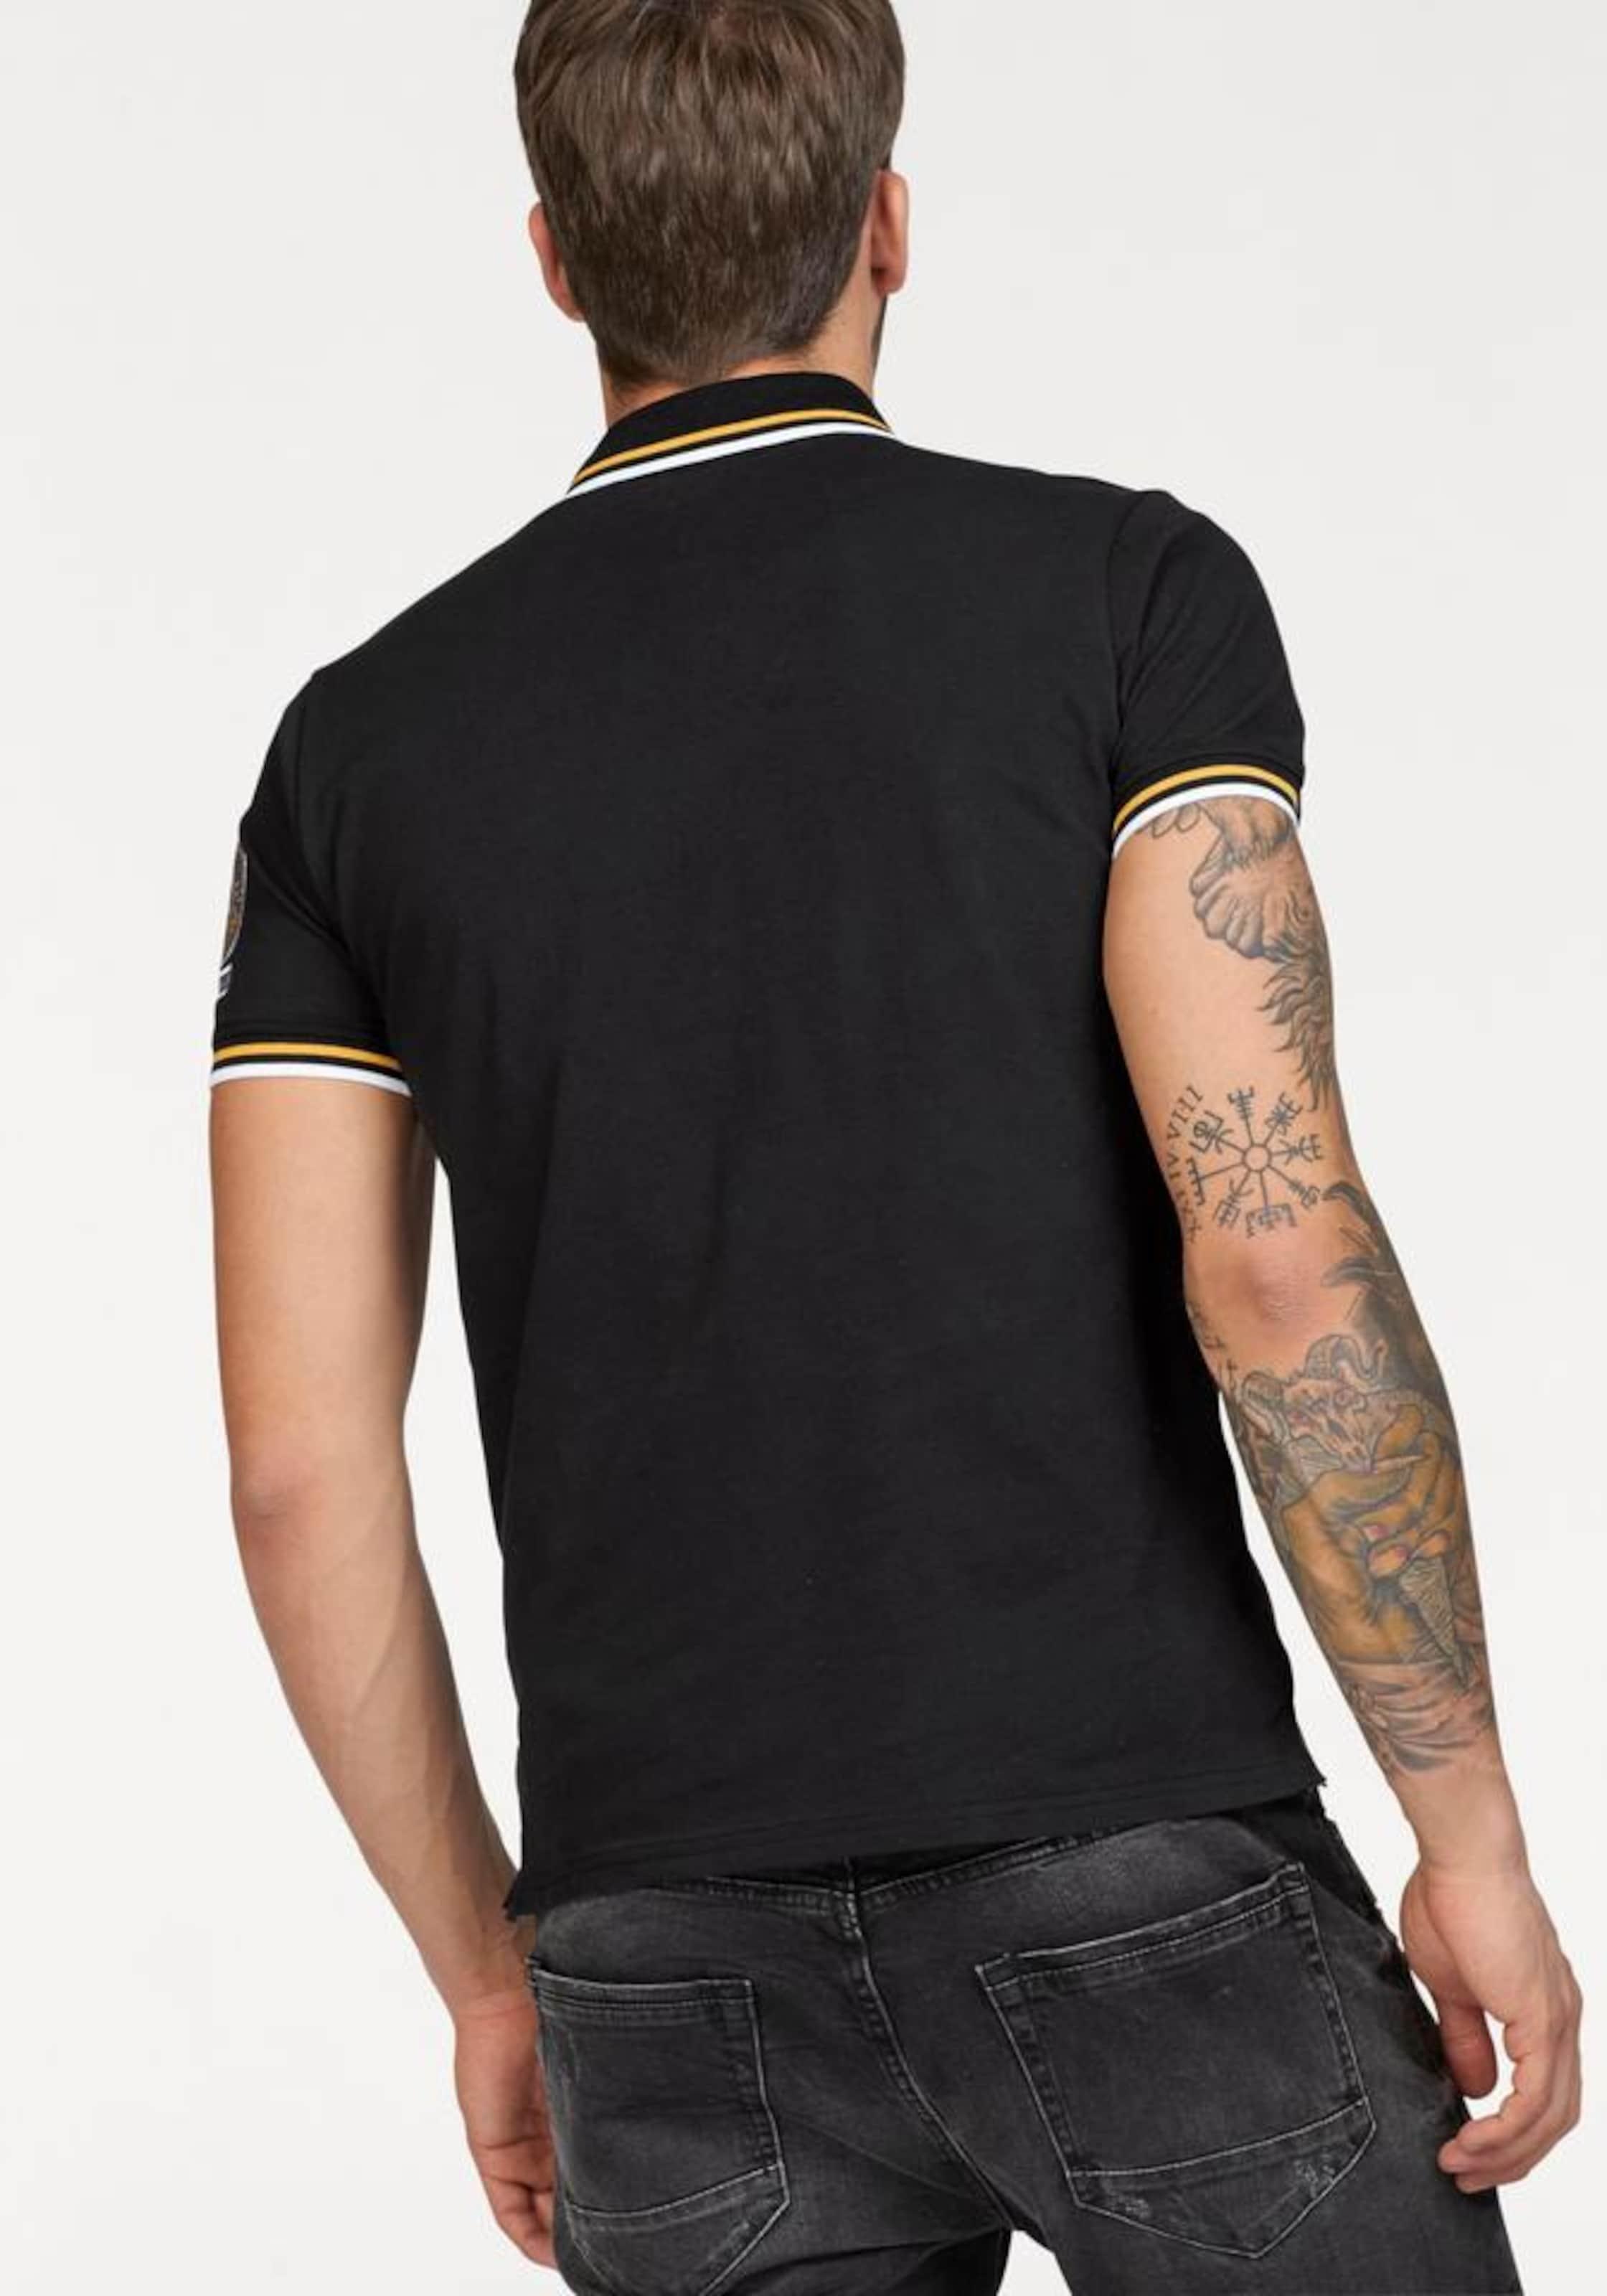 BRUNO BANANI Poloshirt Billig Verkaufen Viele Arten Von Verkauf 2018 Neue Kauf Verkauf Online qPdrRBCSTD